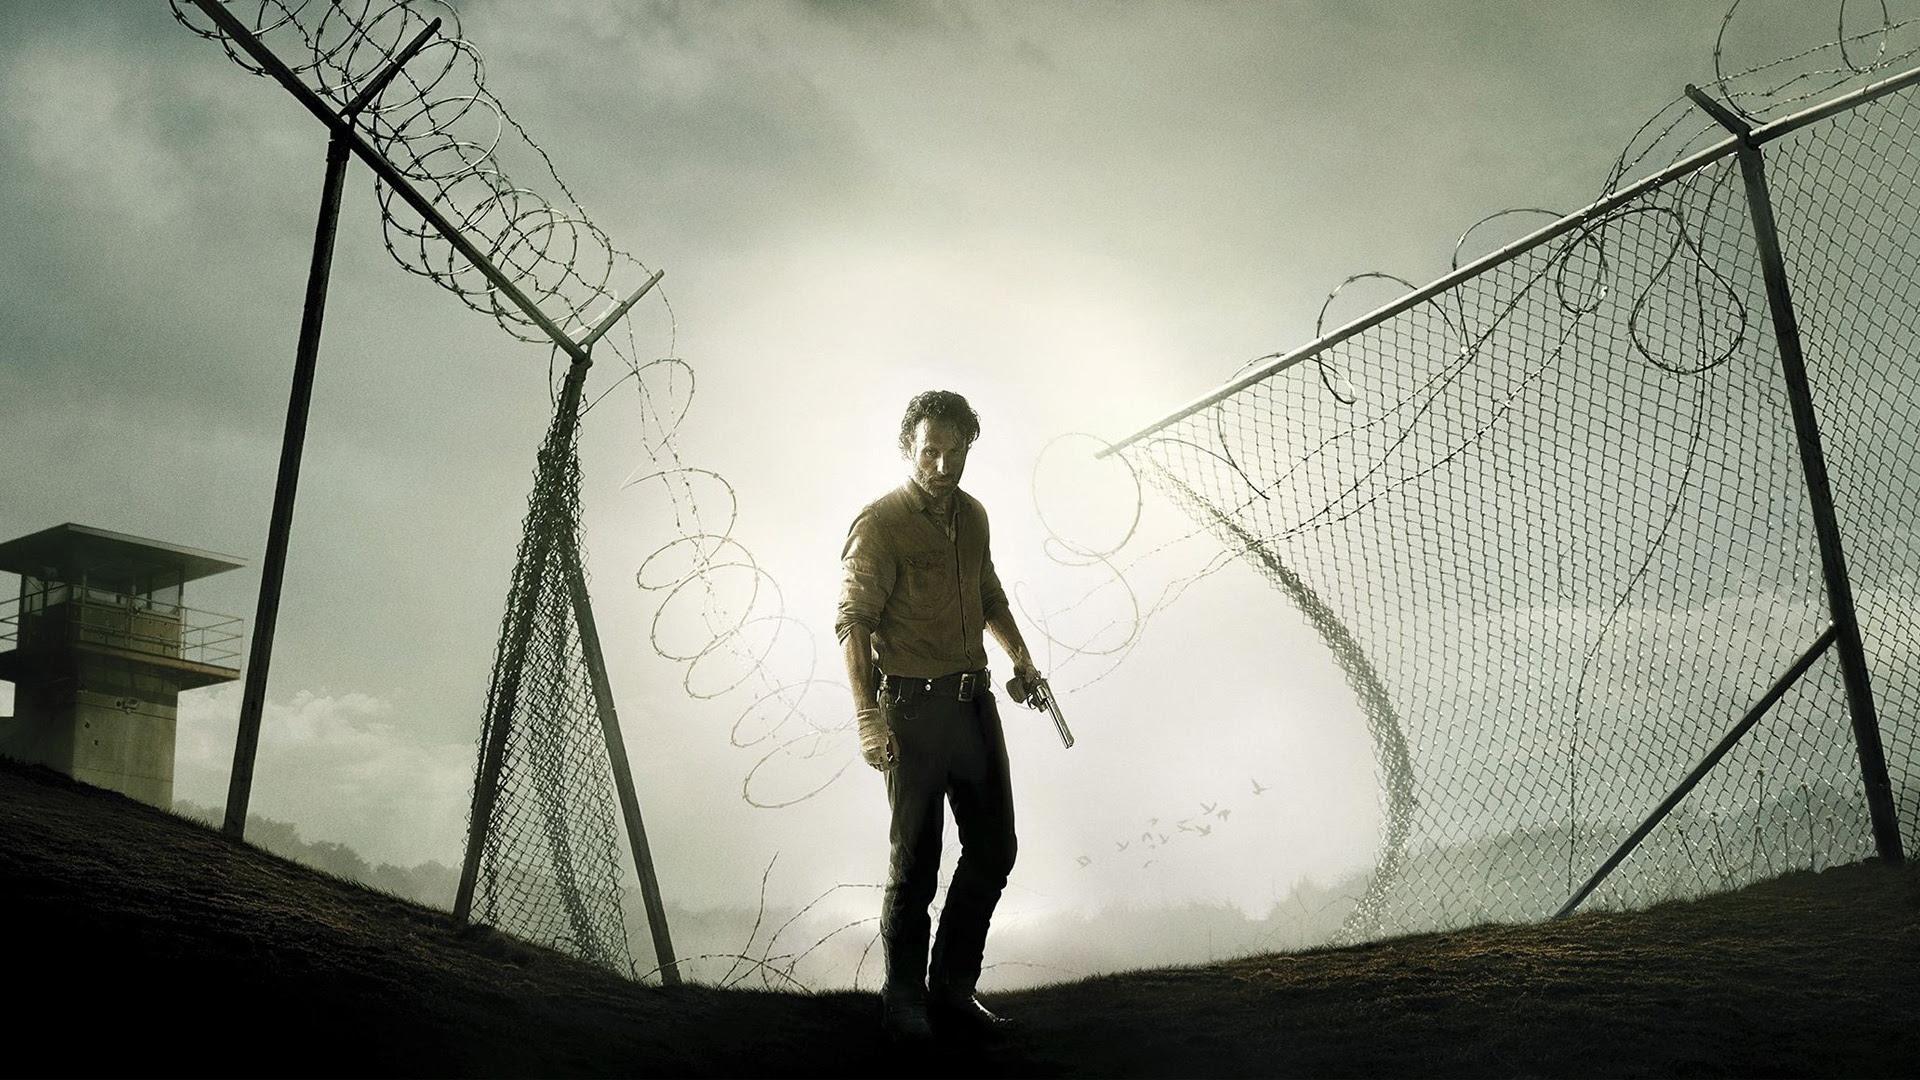 The Walking Dead Wallpaper 12